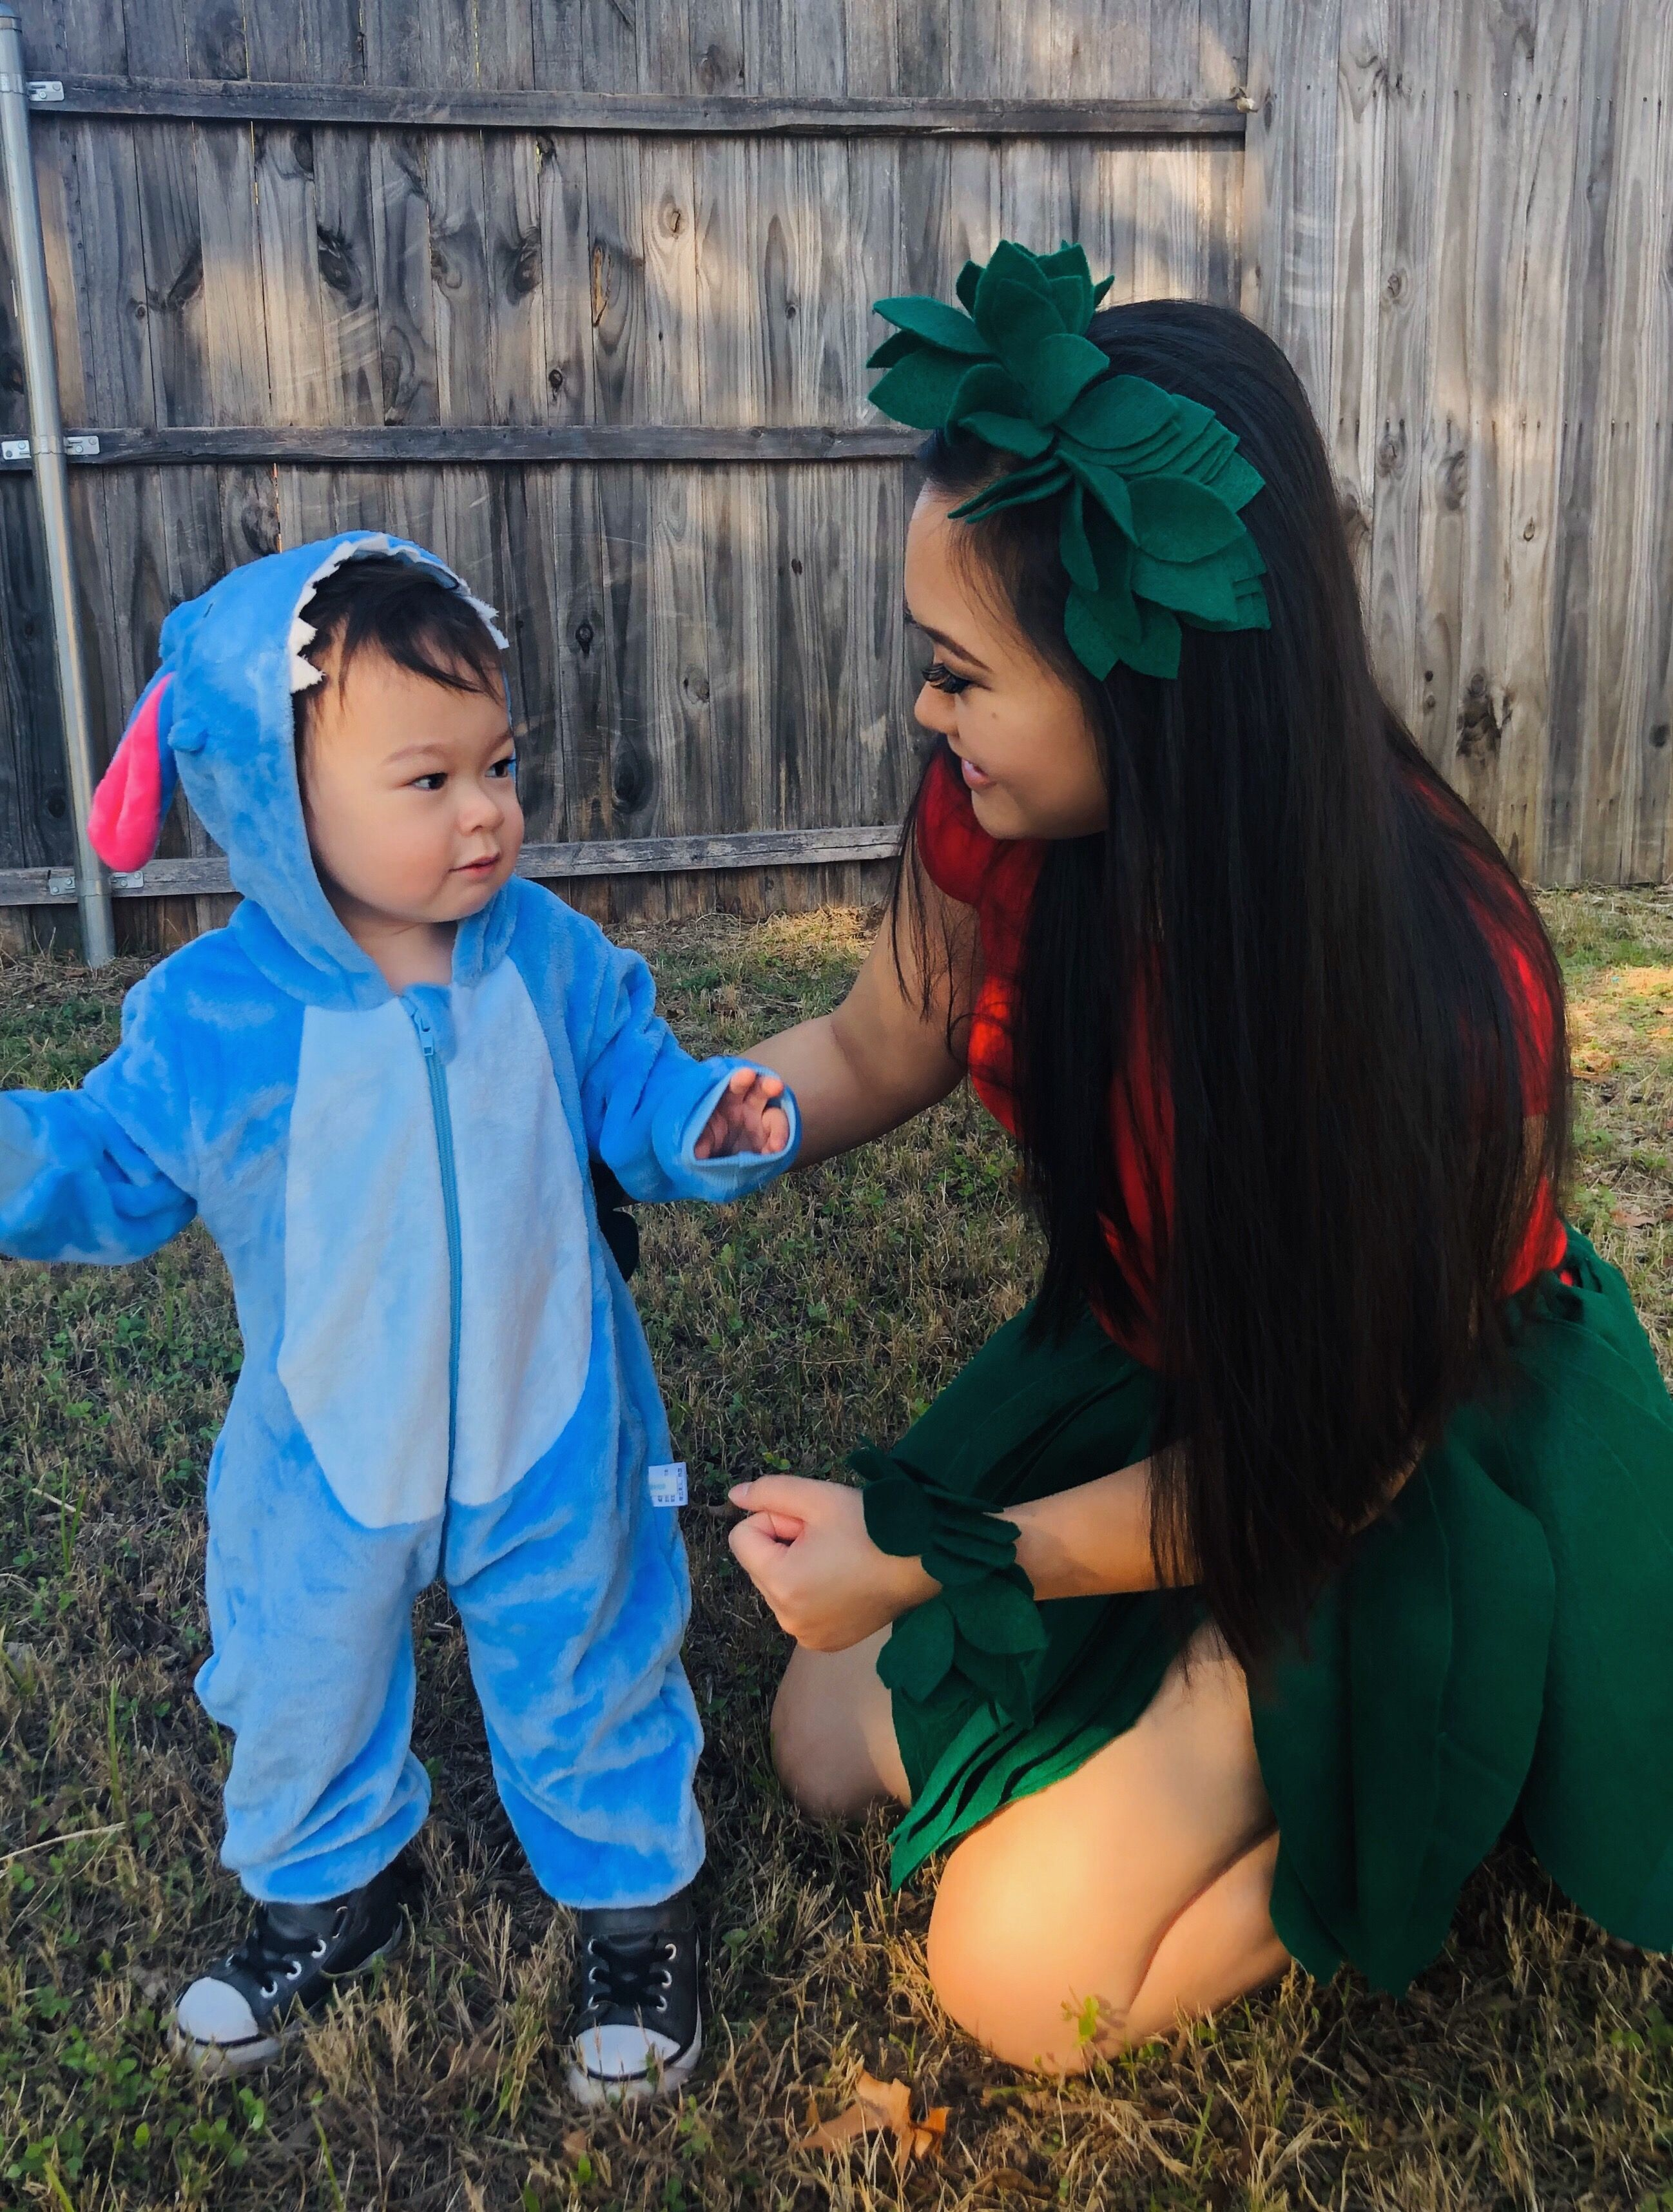 Lilo And Stitch Costume In 2020 Lilo And Stitch Costume Stitch Baby Costume Stitch Costume